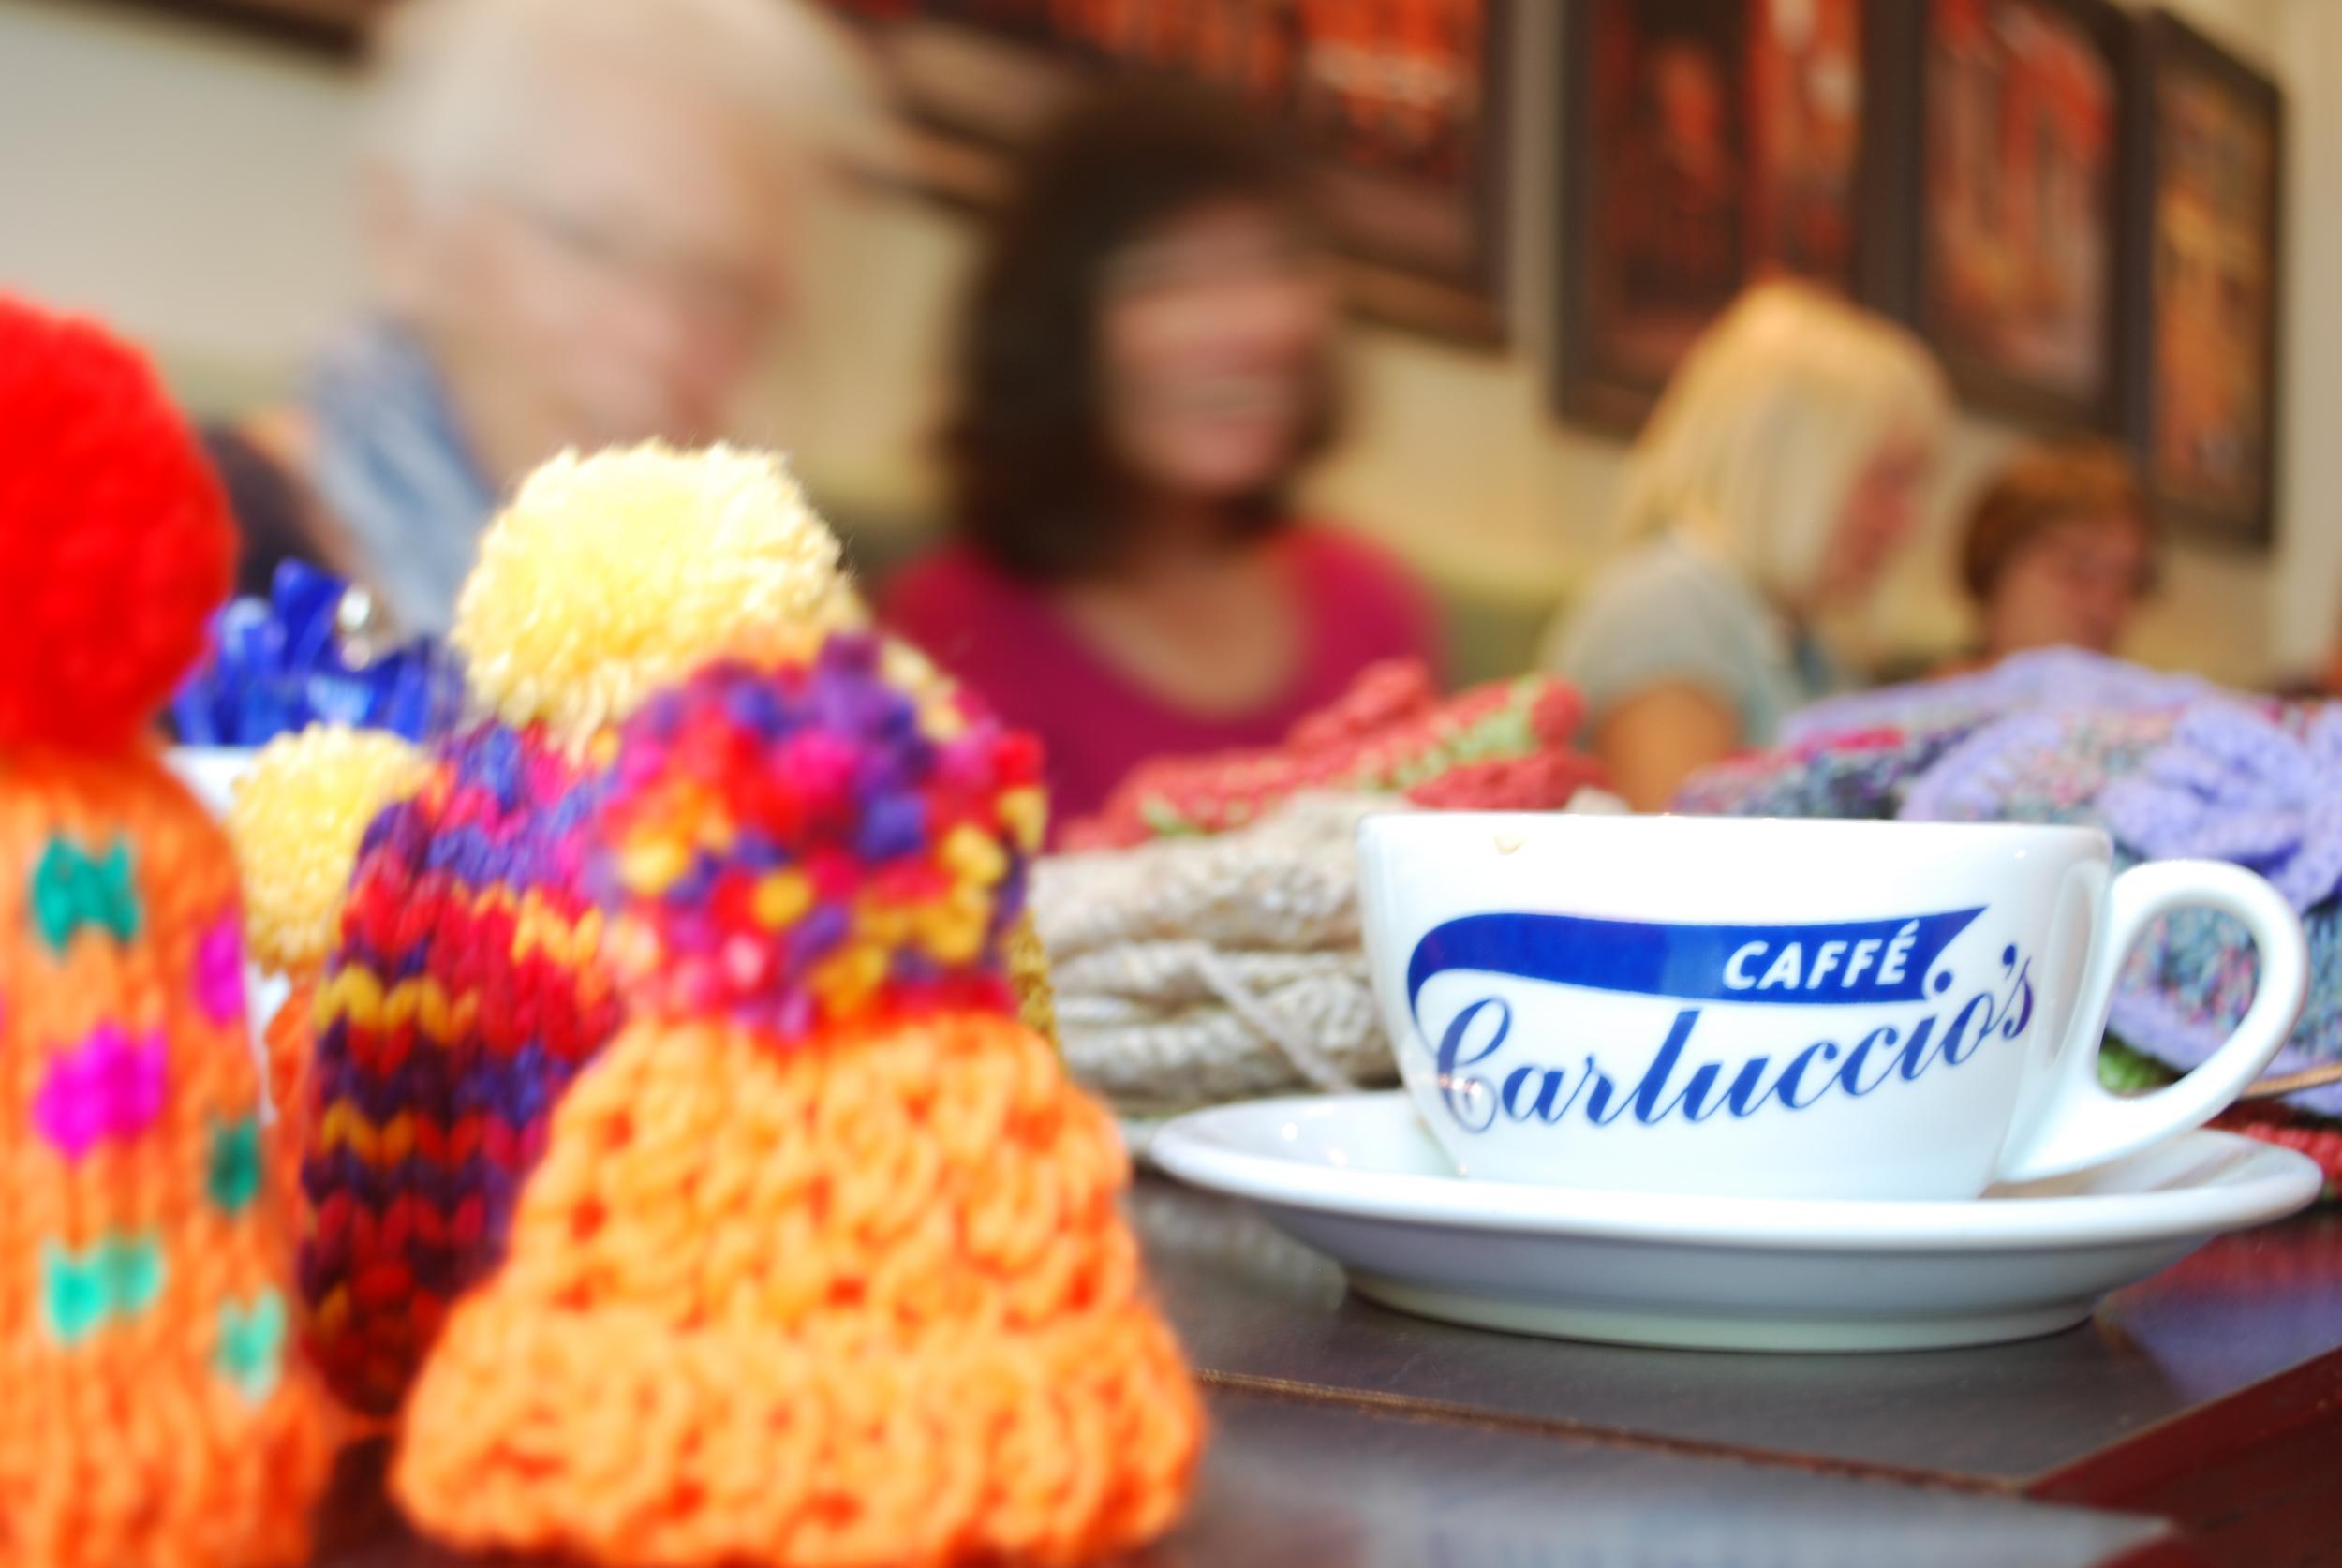 Carluccio's Crochet Session